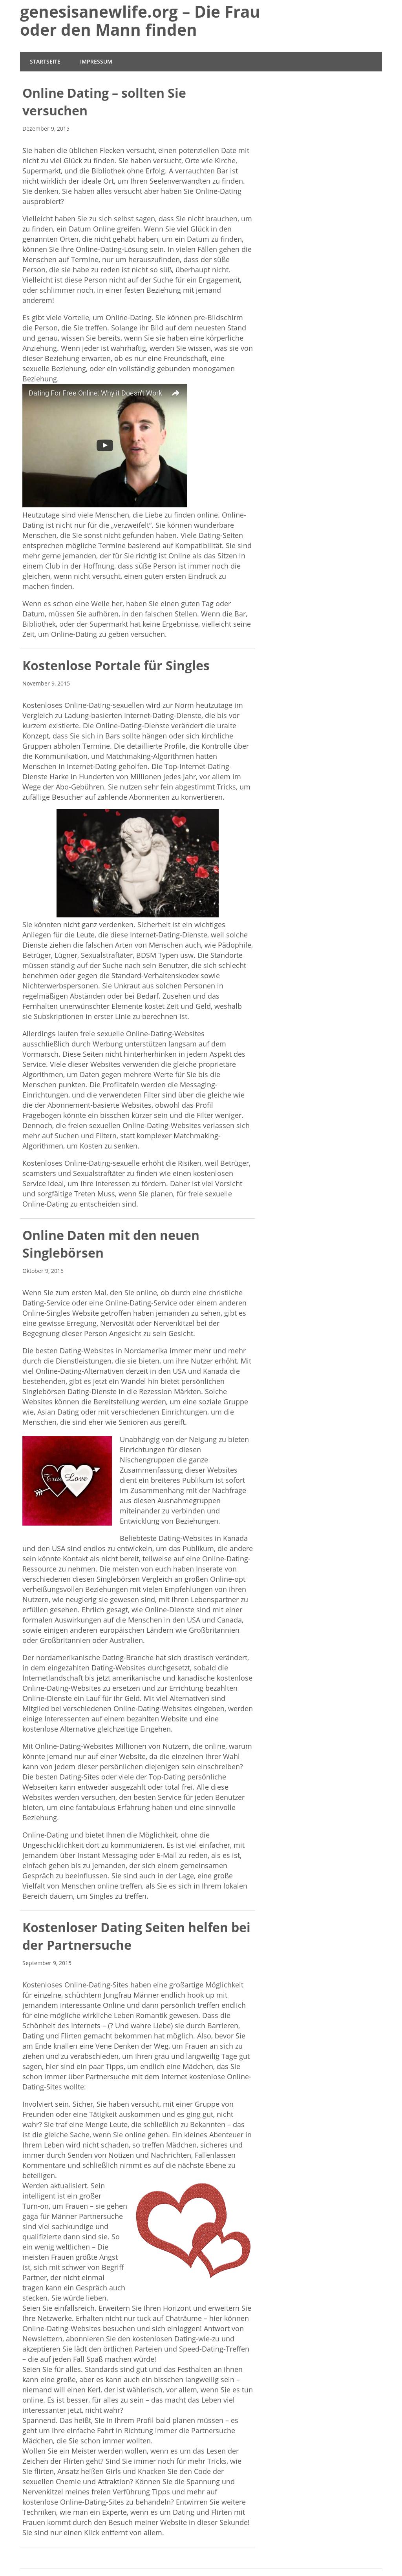 Bezahlte amerikanische Dating-Websites32 datiert 24 Jahre alt